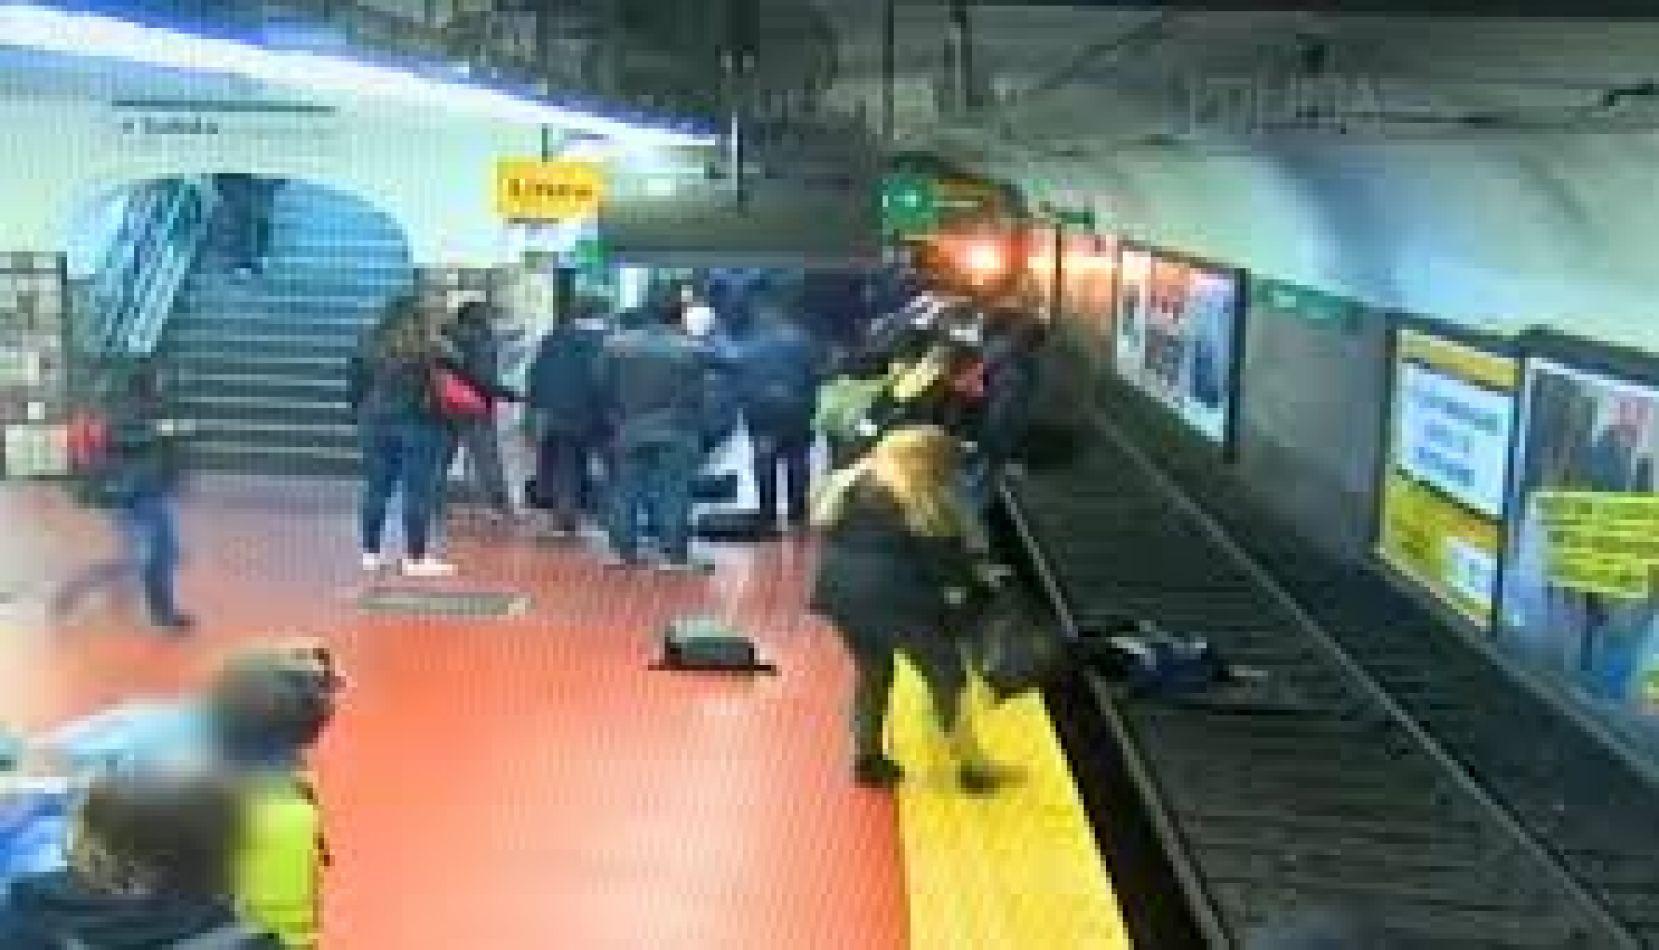 ¿Accidente o intento de robo? Lo que nadie vio de la casi tragedia de la estación Pueyrredón